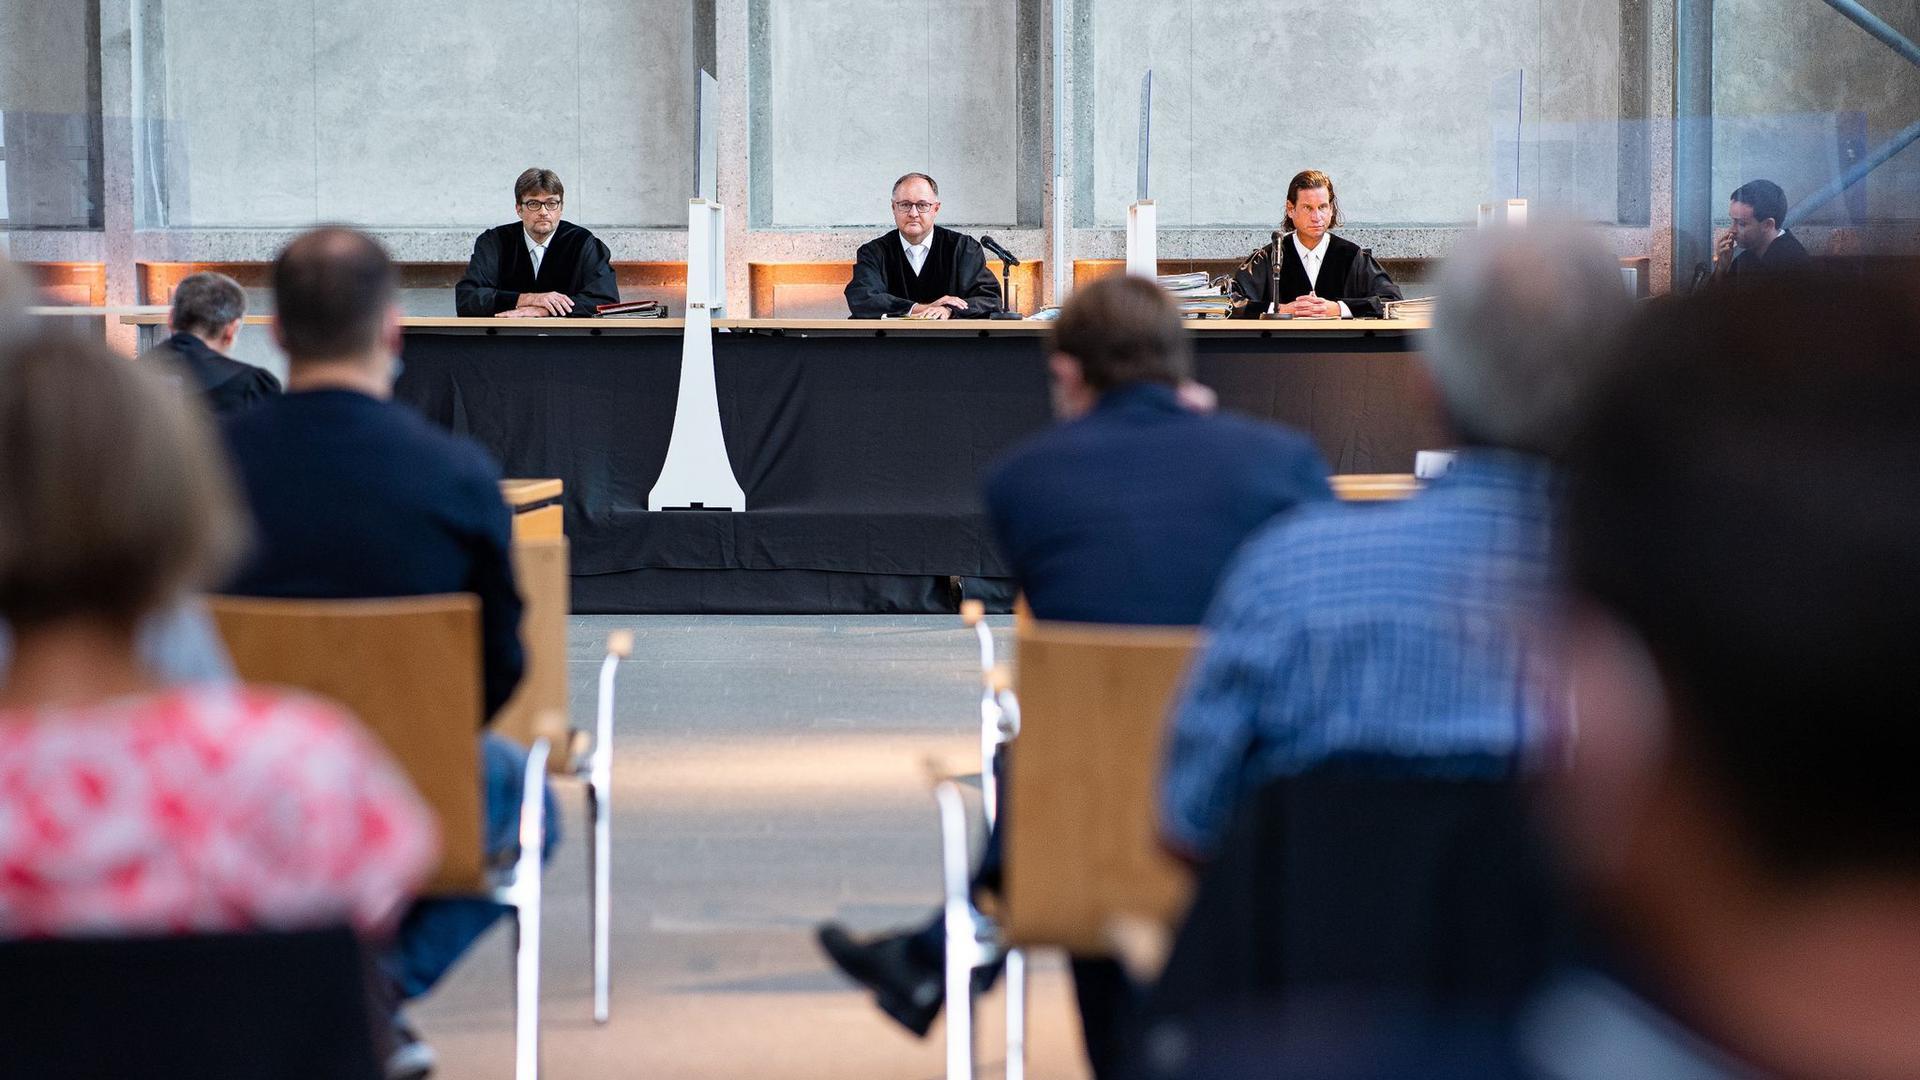 Der Vorsitzende Richter Johannes Wieseler (M) und seine Kollegen Volker Messing (l) und Dirk Pelzer sitzen zu Beginn der Berufungsverhandlung zu den Schadensersatzforderungen der Hinterbliebenen des Germanwings-Absturzes 2015 in der Lobby des Oberlandesgerichtes.